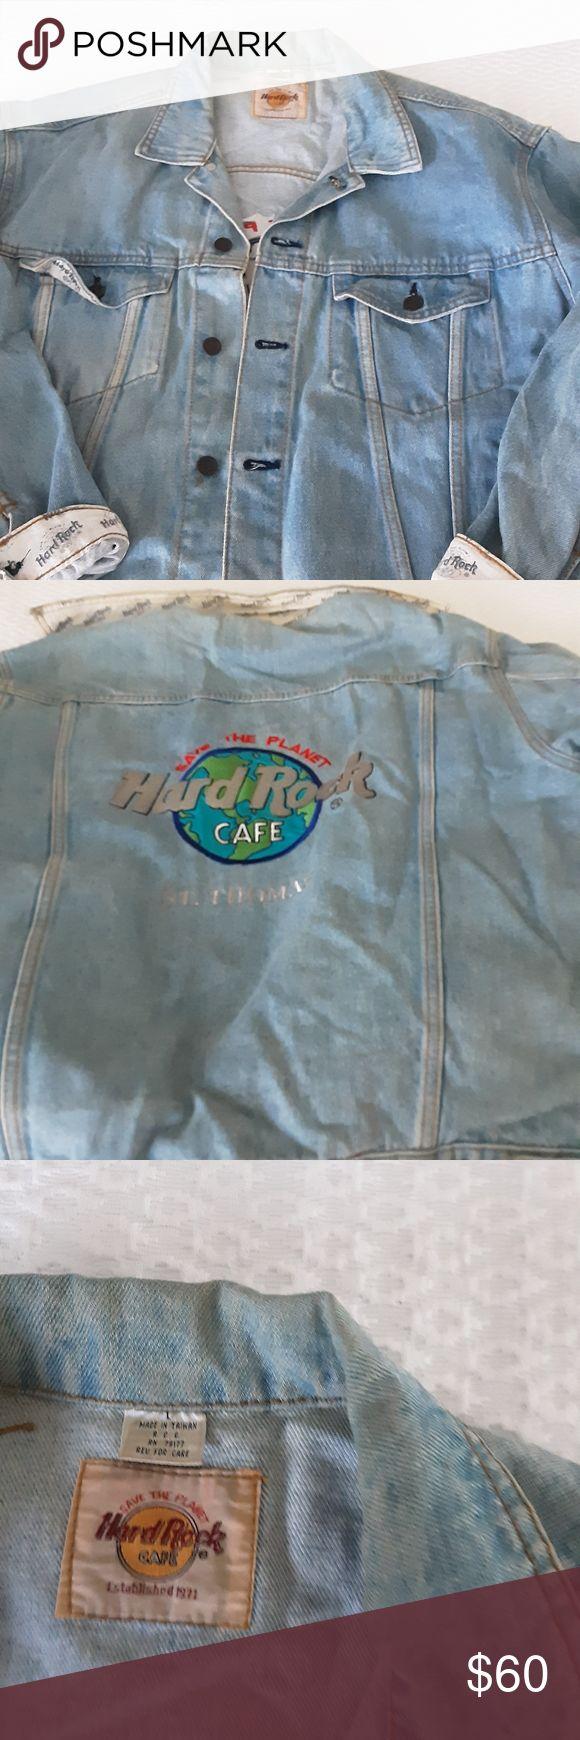 Hardrock Cafe Denim Jacket From St Thomas Cafe Jacket Denim Jacket Jackets [ 1740 x 580 Pixel ]